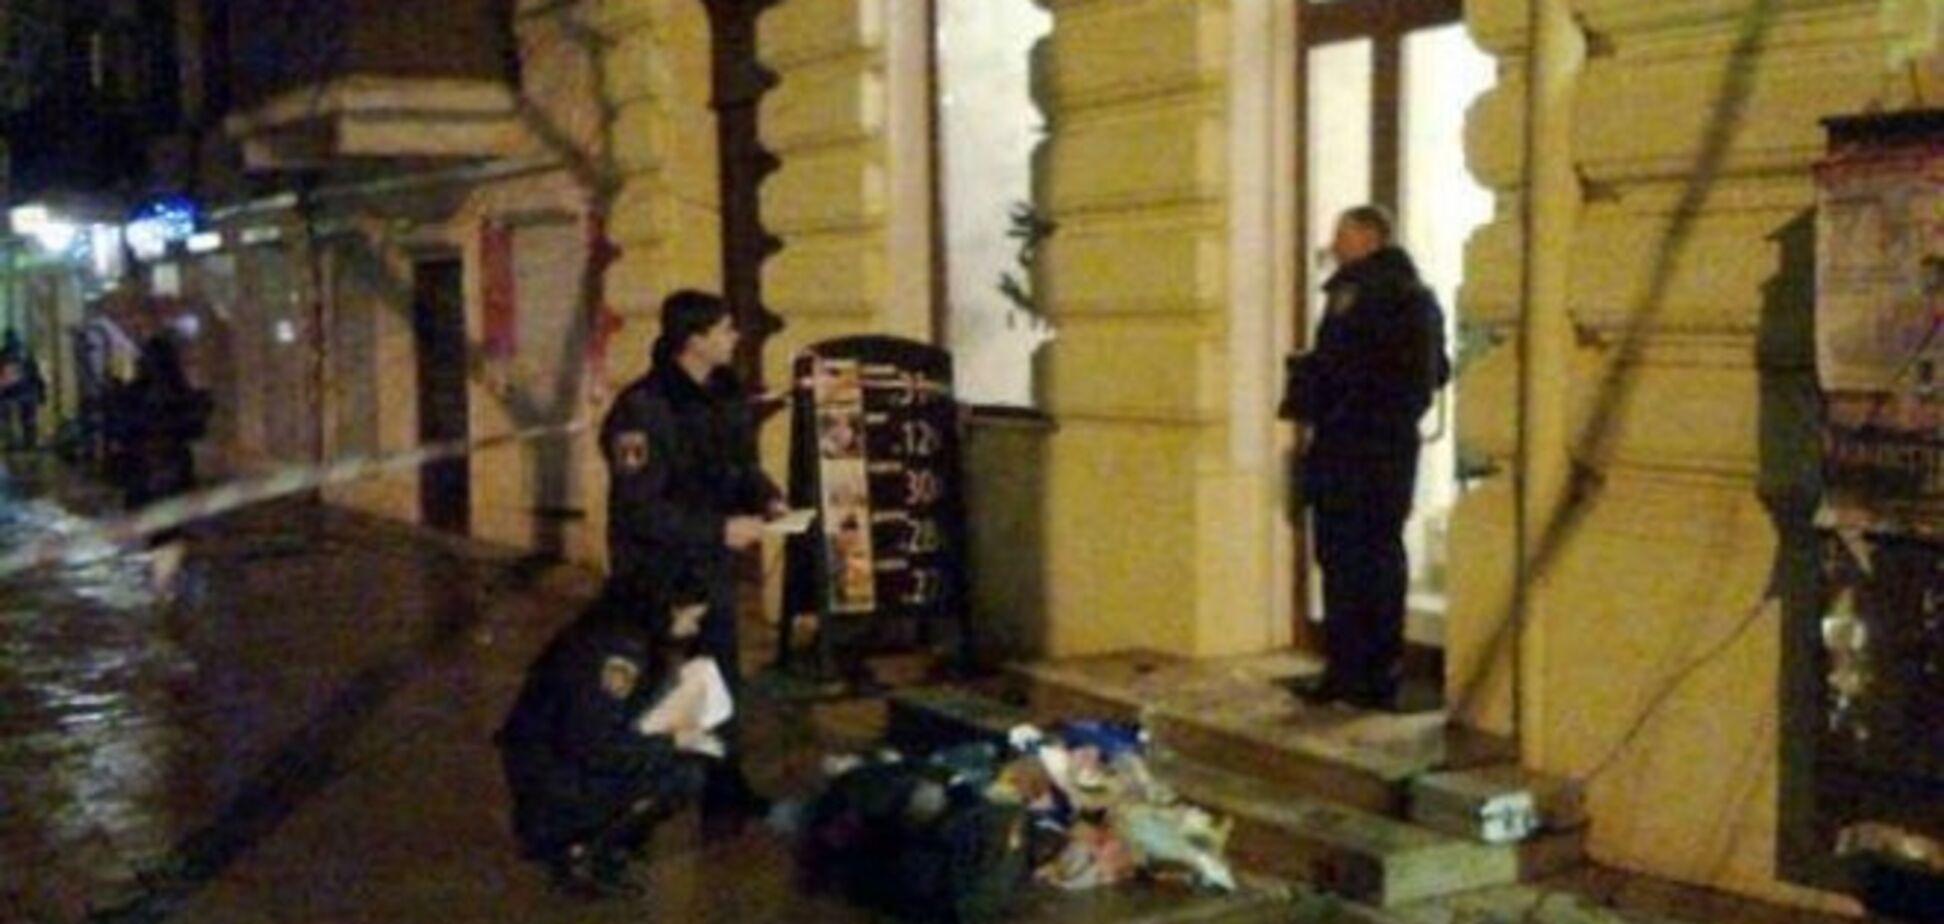 В милиции рассказали подробности взрыва в центре Одессы: он был контролированным